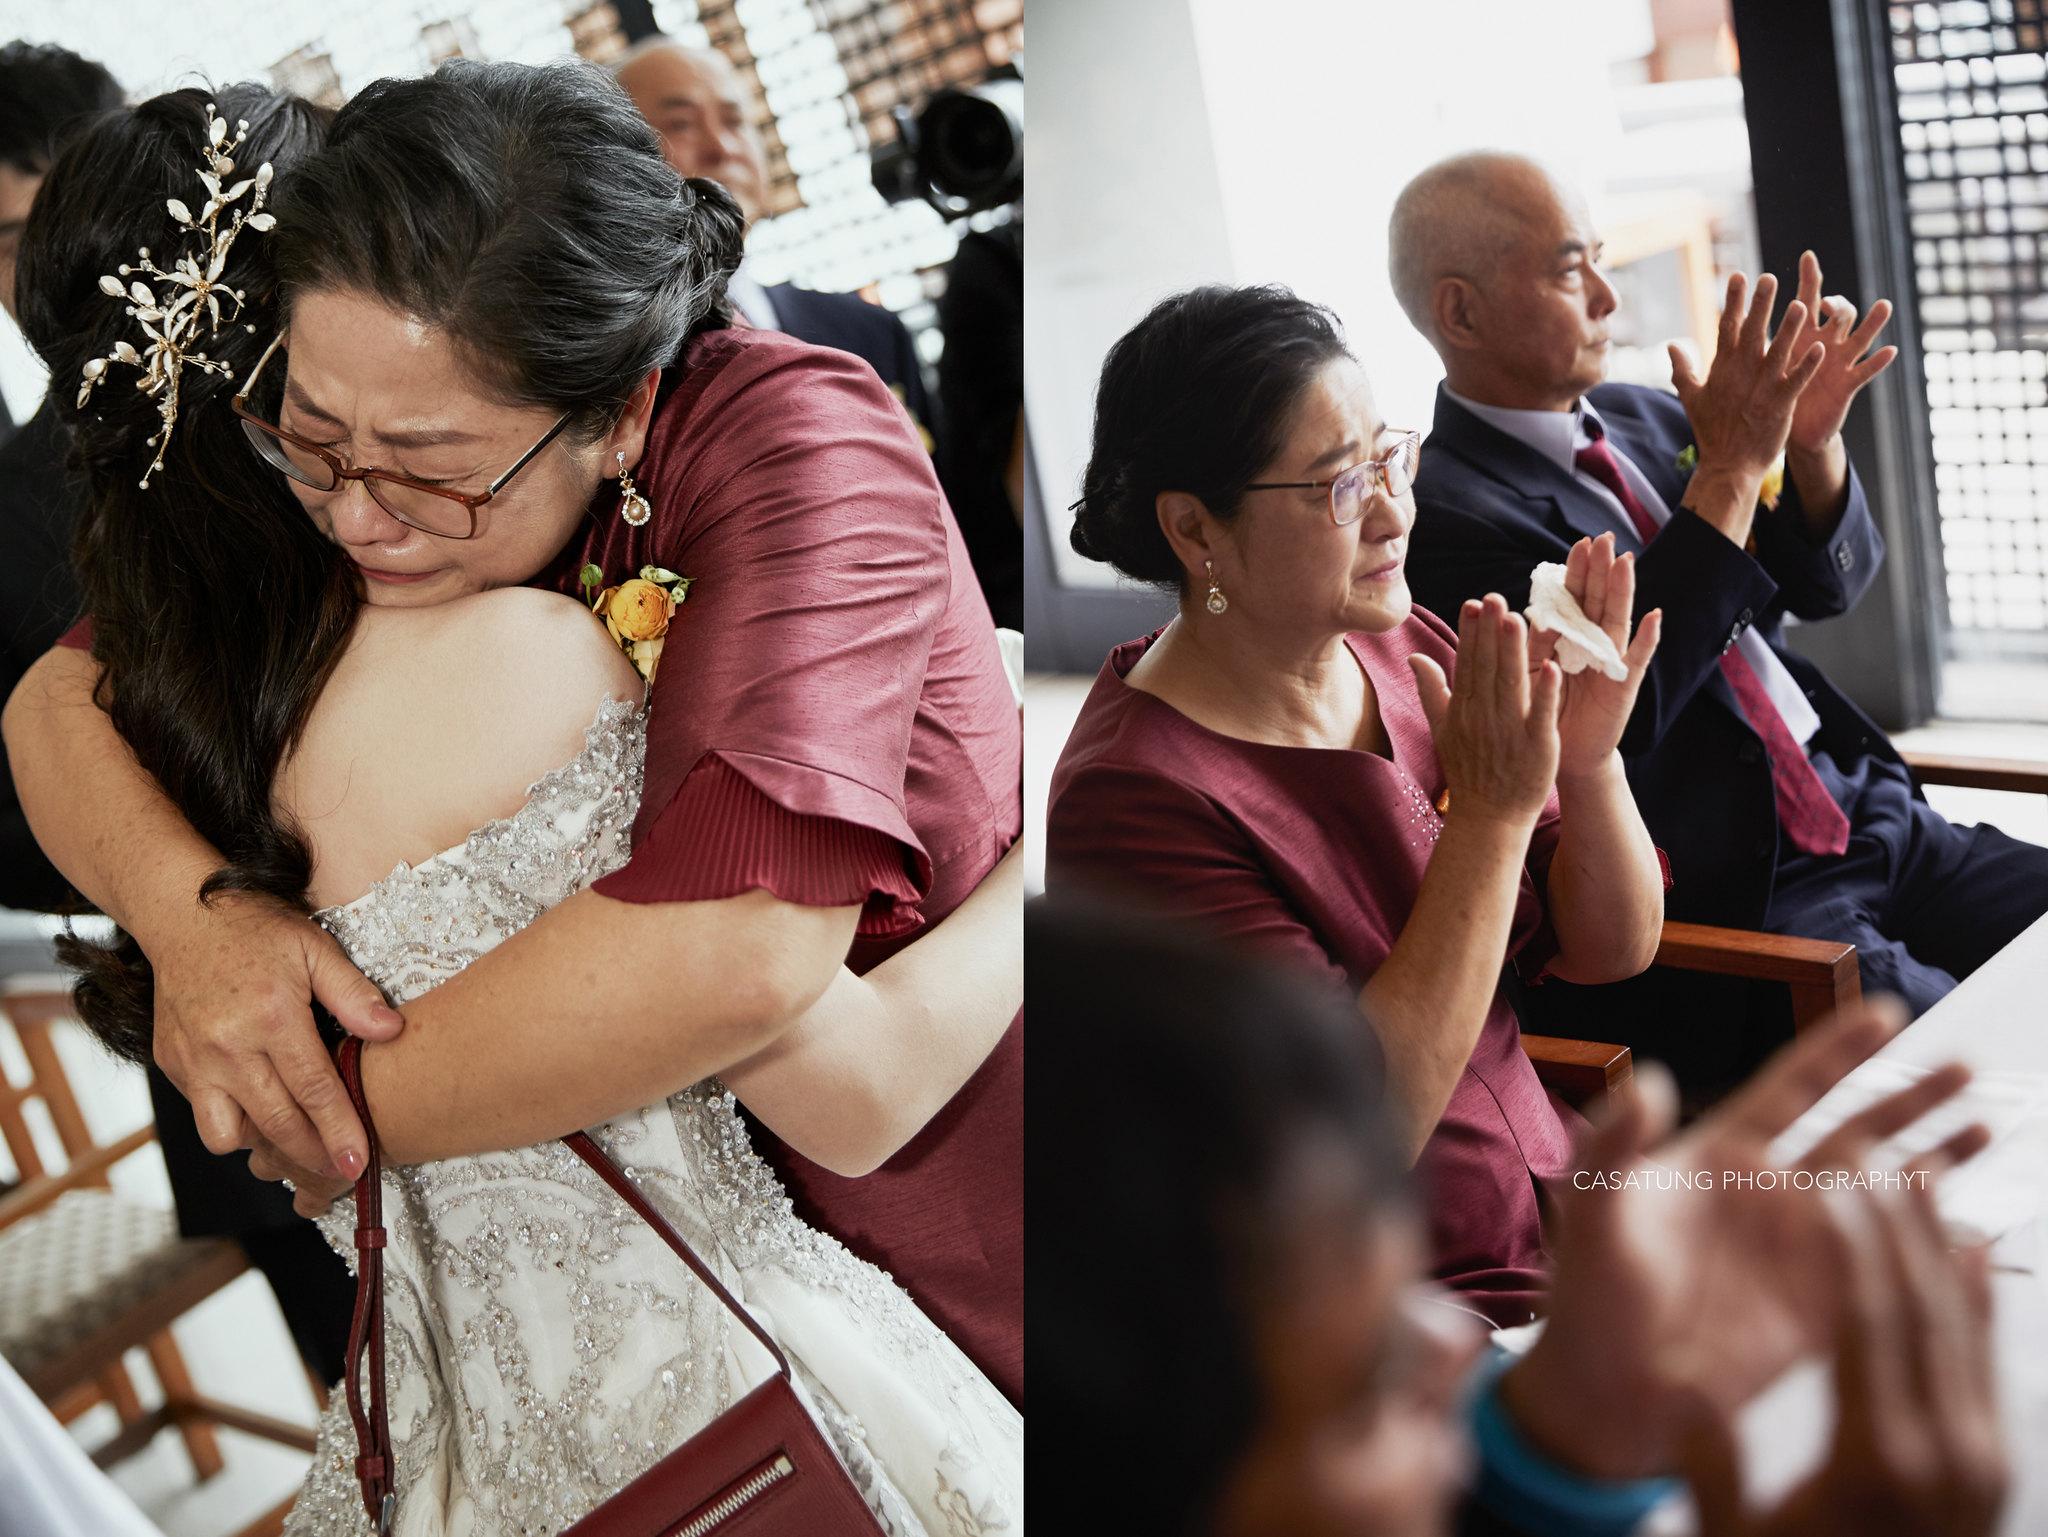 日月潭婚禮, 台中婚攝, 婚禮紀錄, 婚攝推薦, 涵碧樓婚禮, casa, casatung.台中婚攝casa-70